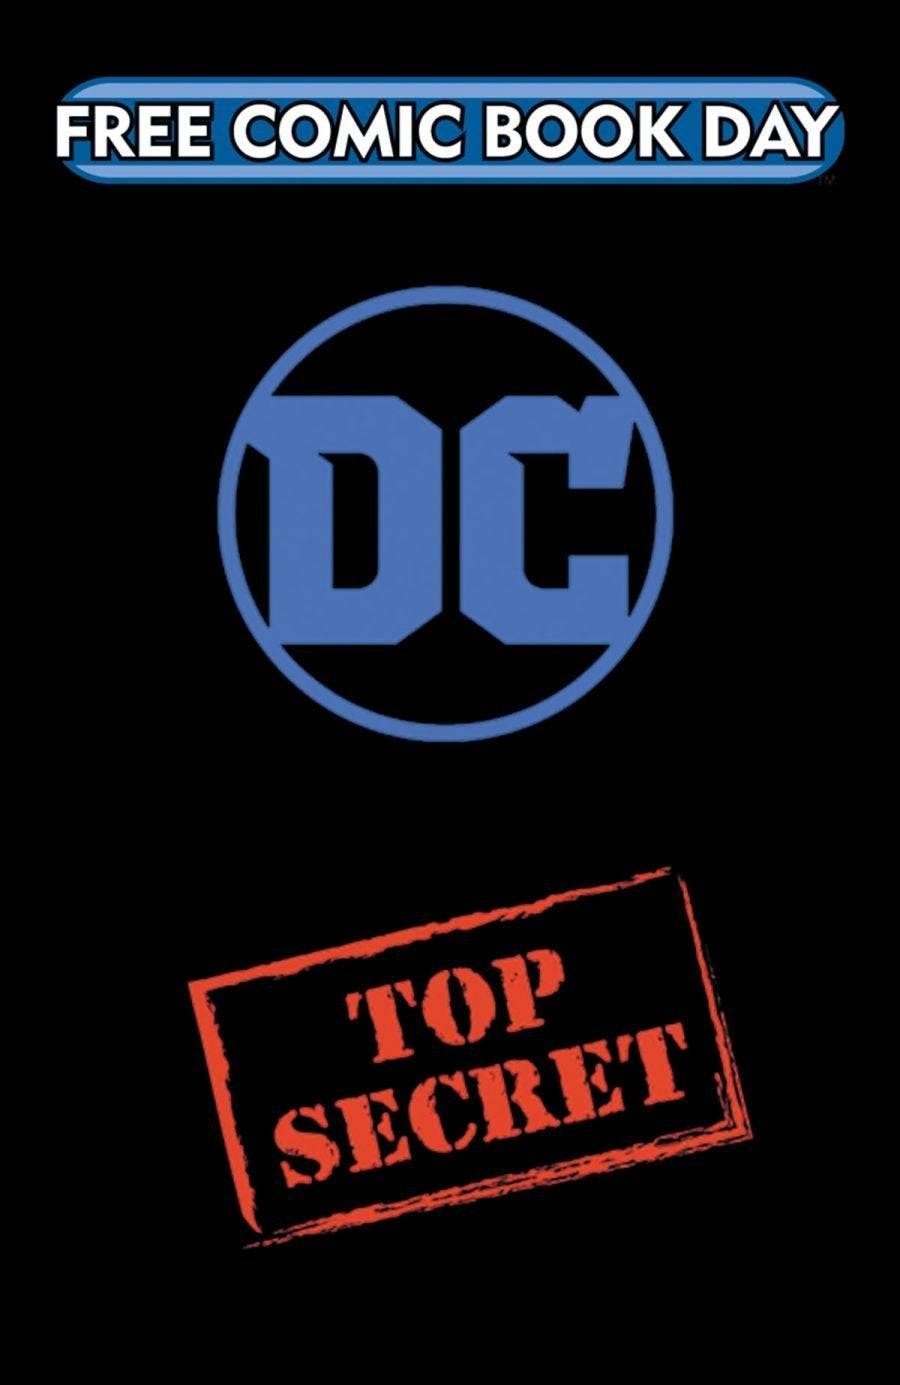 FCBD20_GOLD_DC Comics_Top Secret Gold